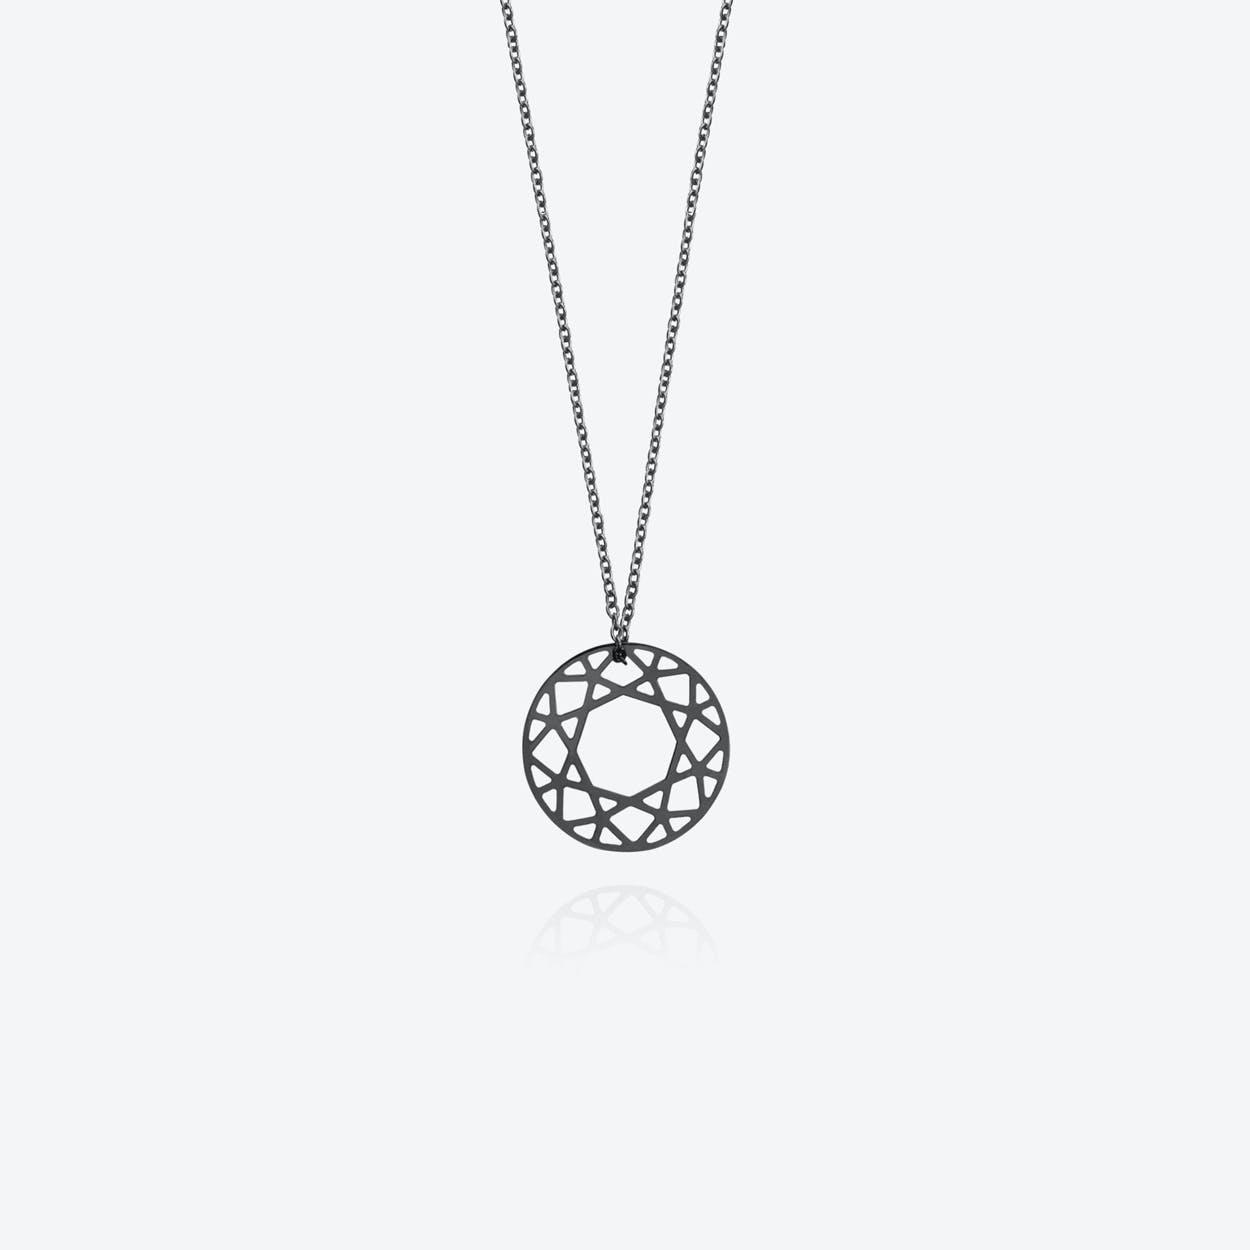 Medium Brilliant Diamond Necklace in Black